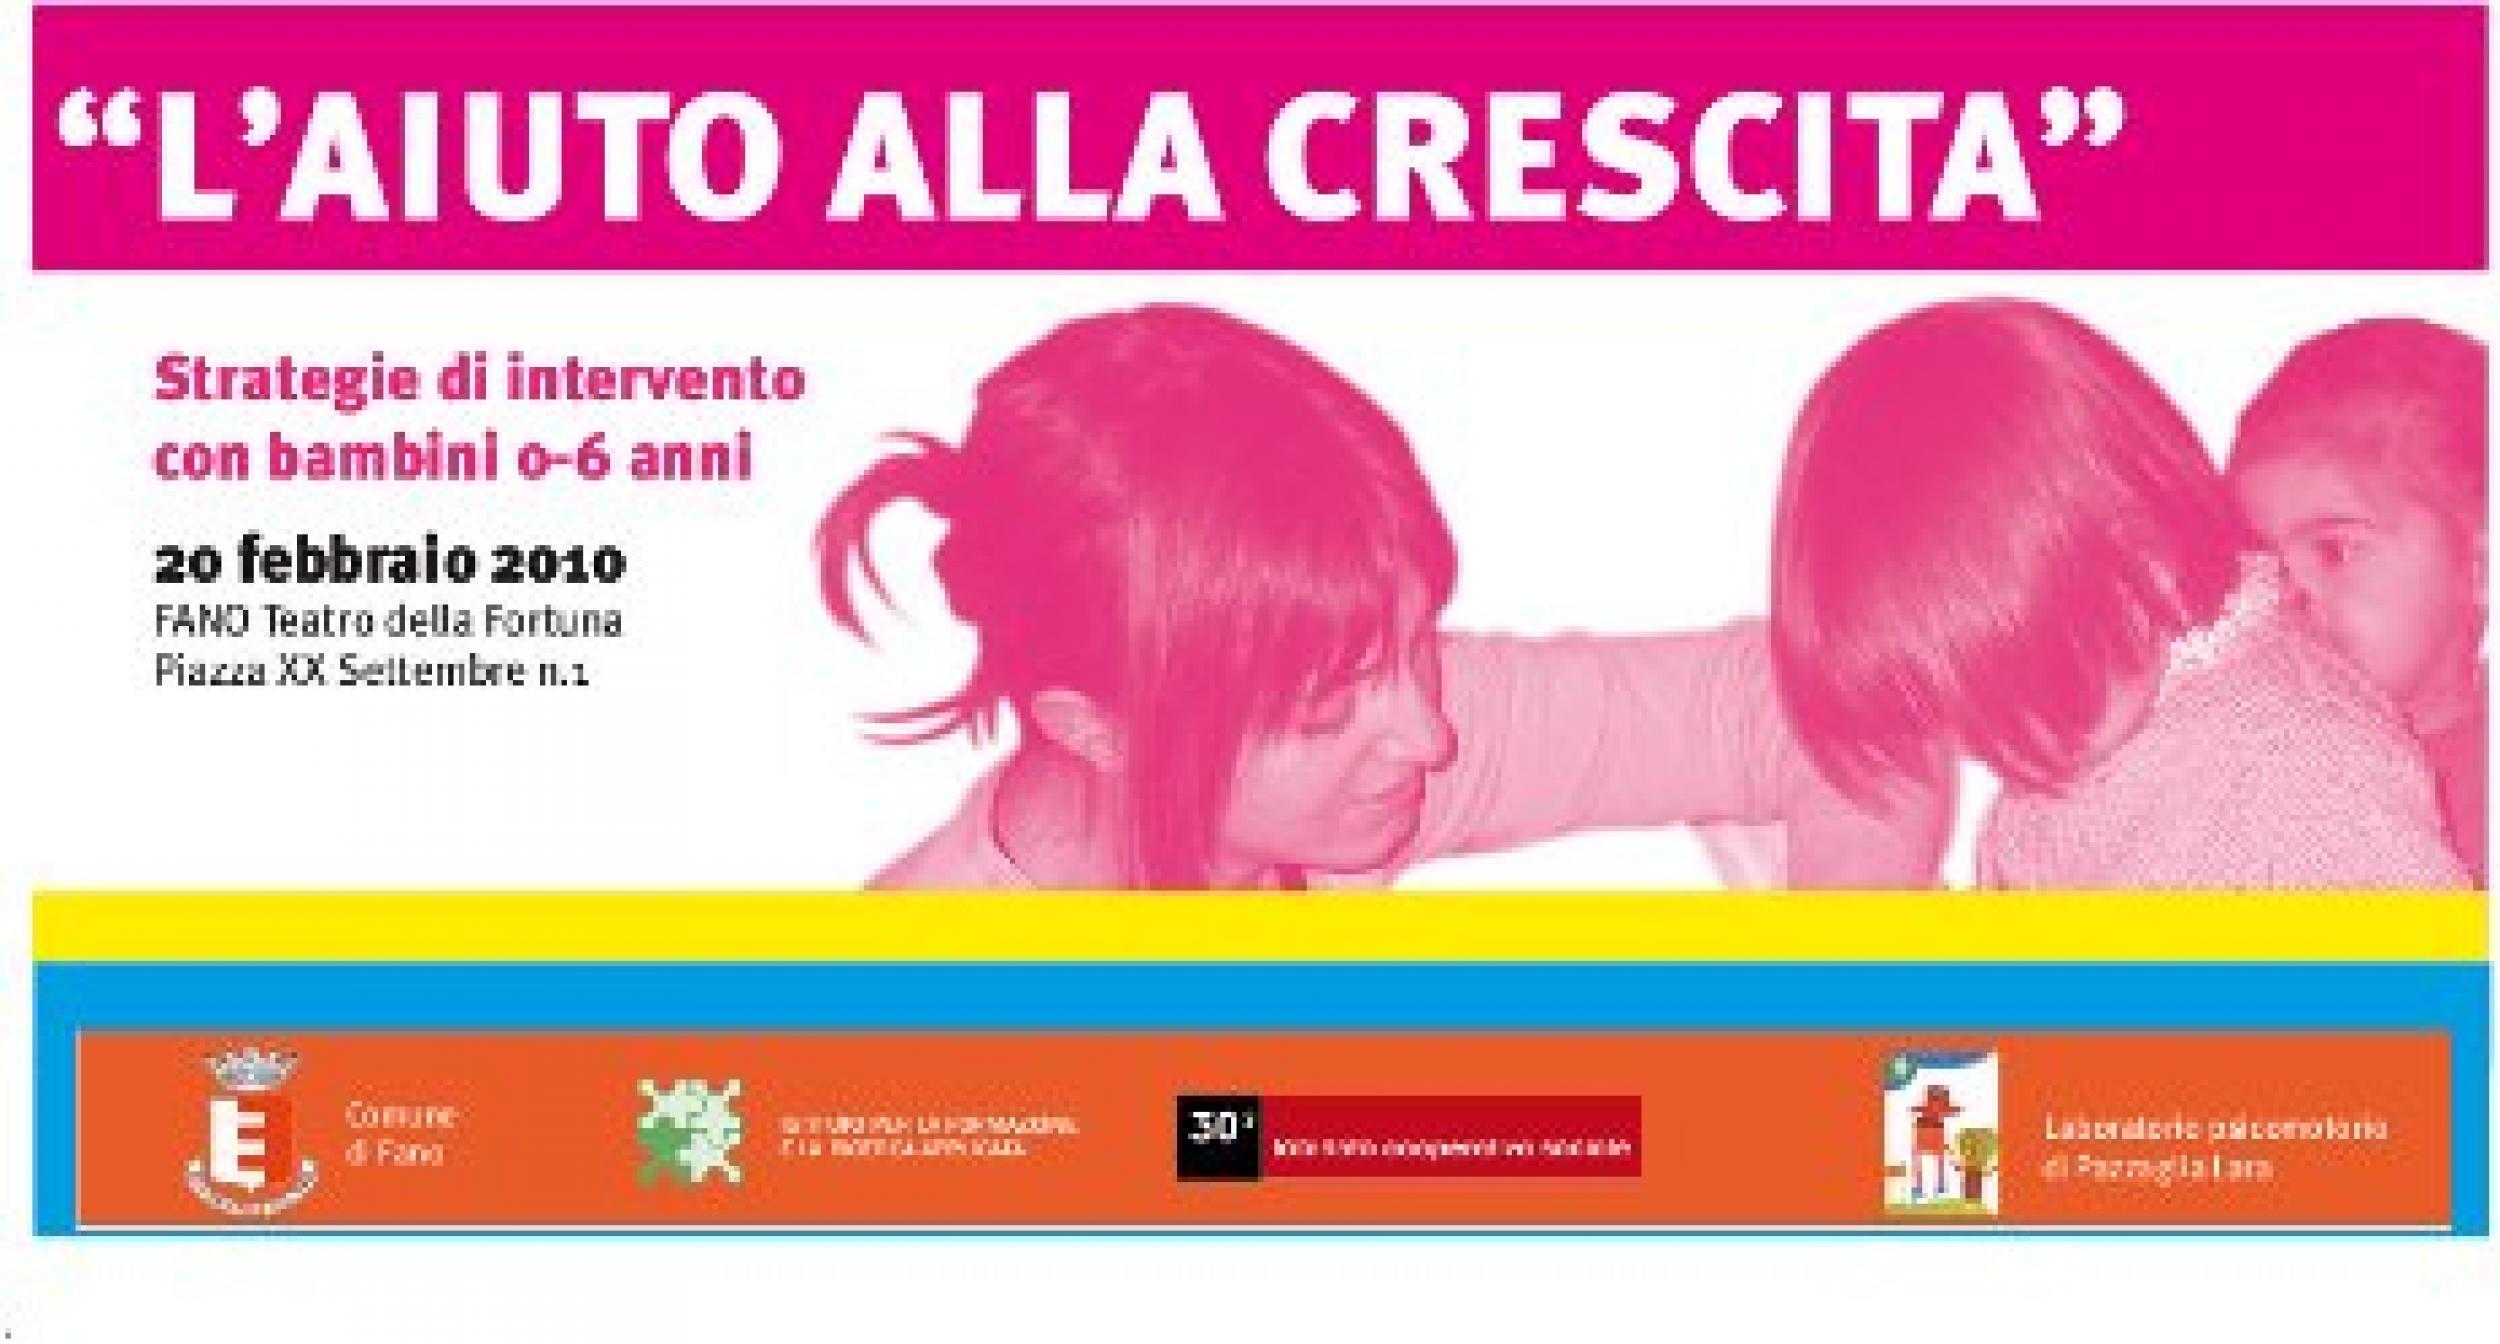 Convegno su l'aiuto alla crescita: strategie di intervento con bambini 0-6 anni